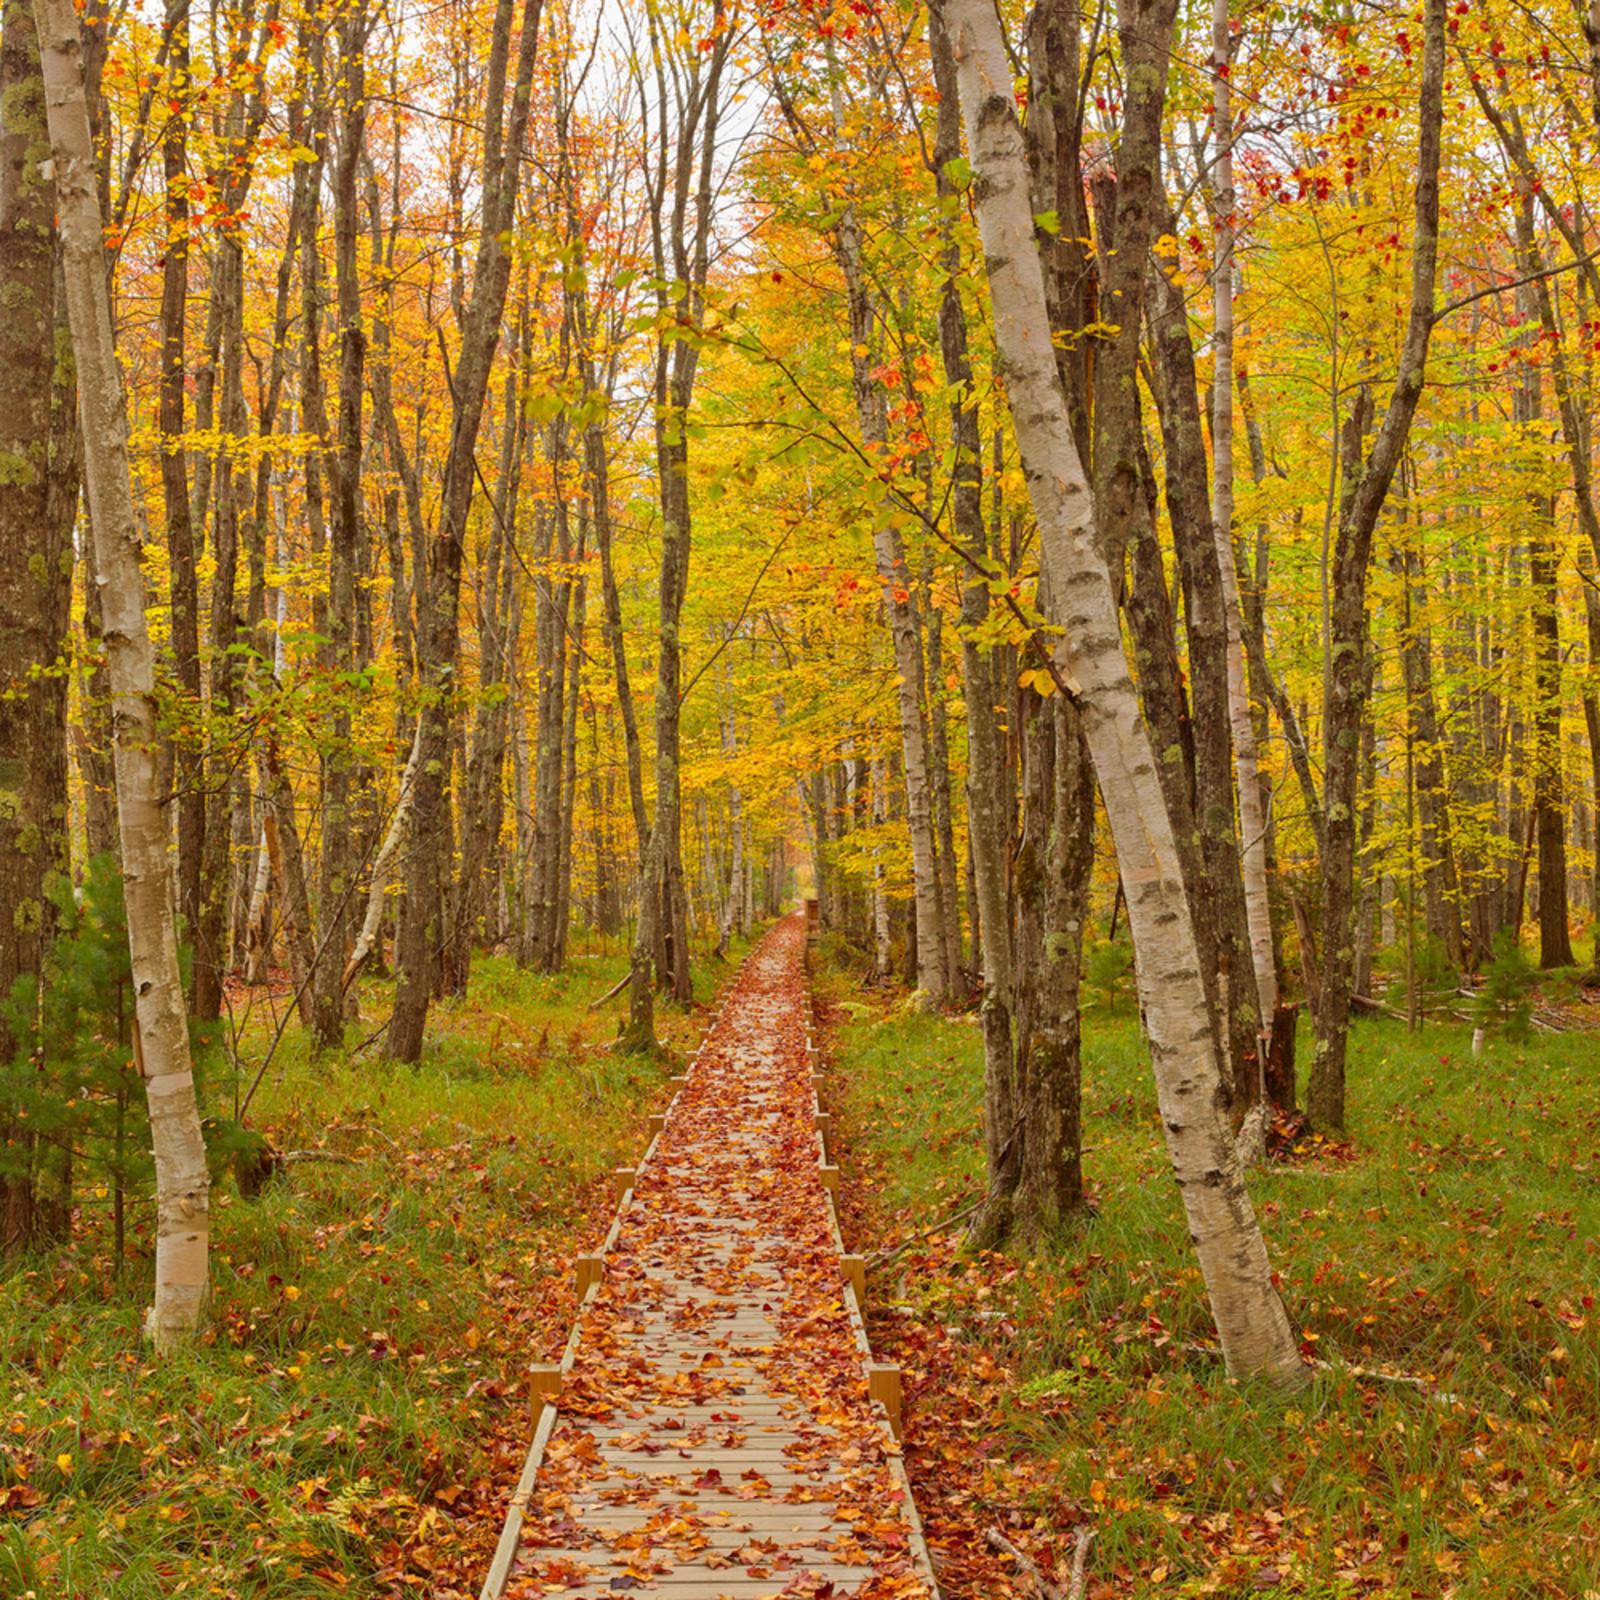 Forest path 16x24 digital image r6fyak